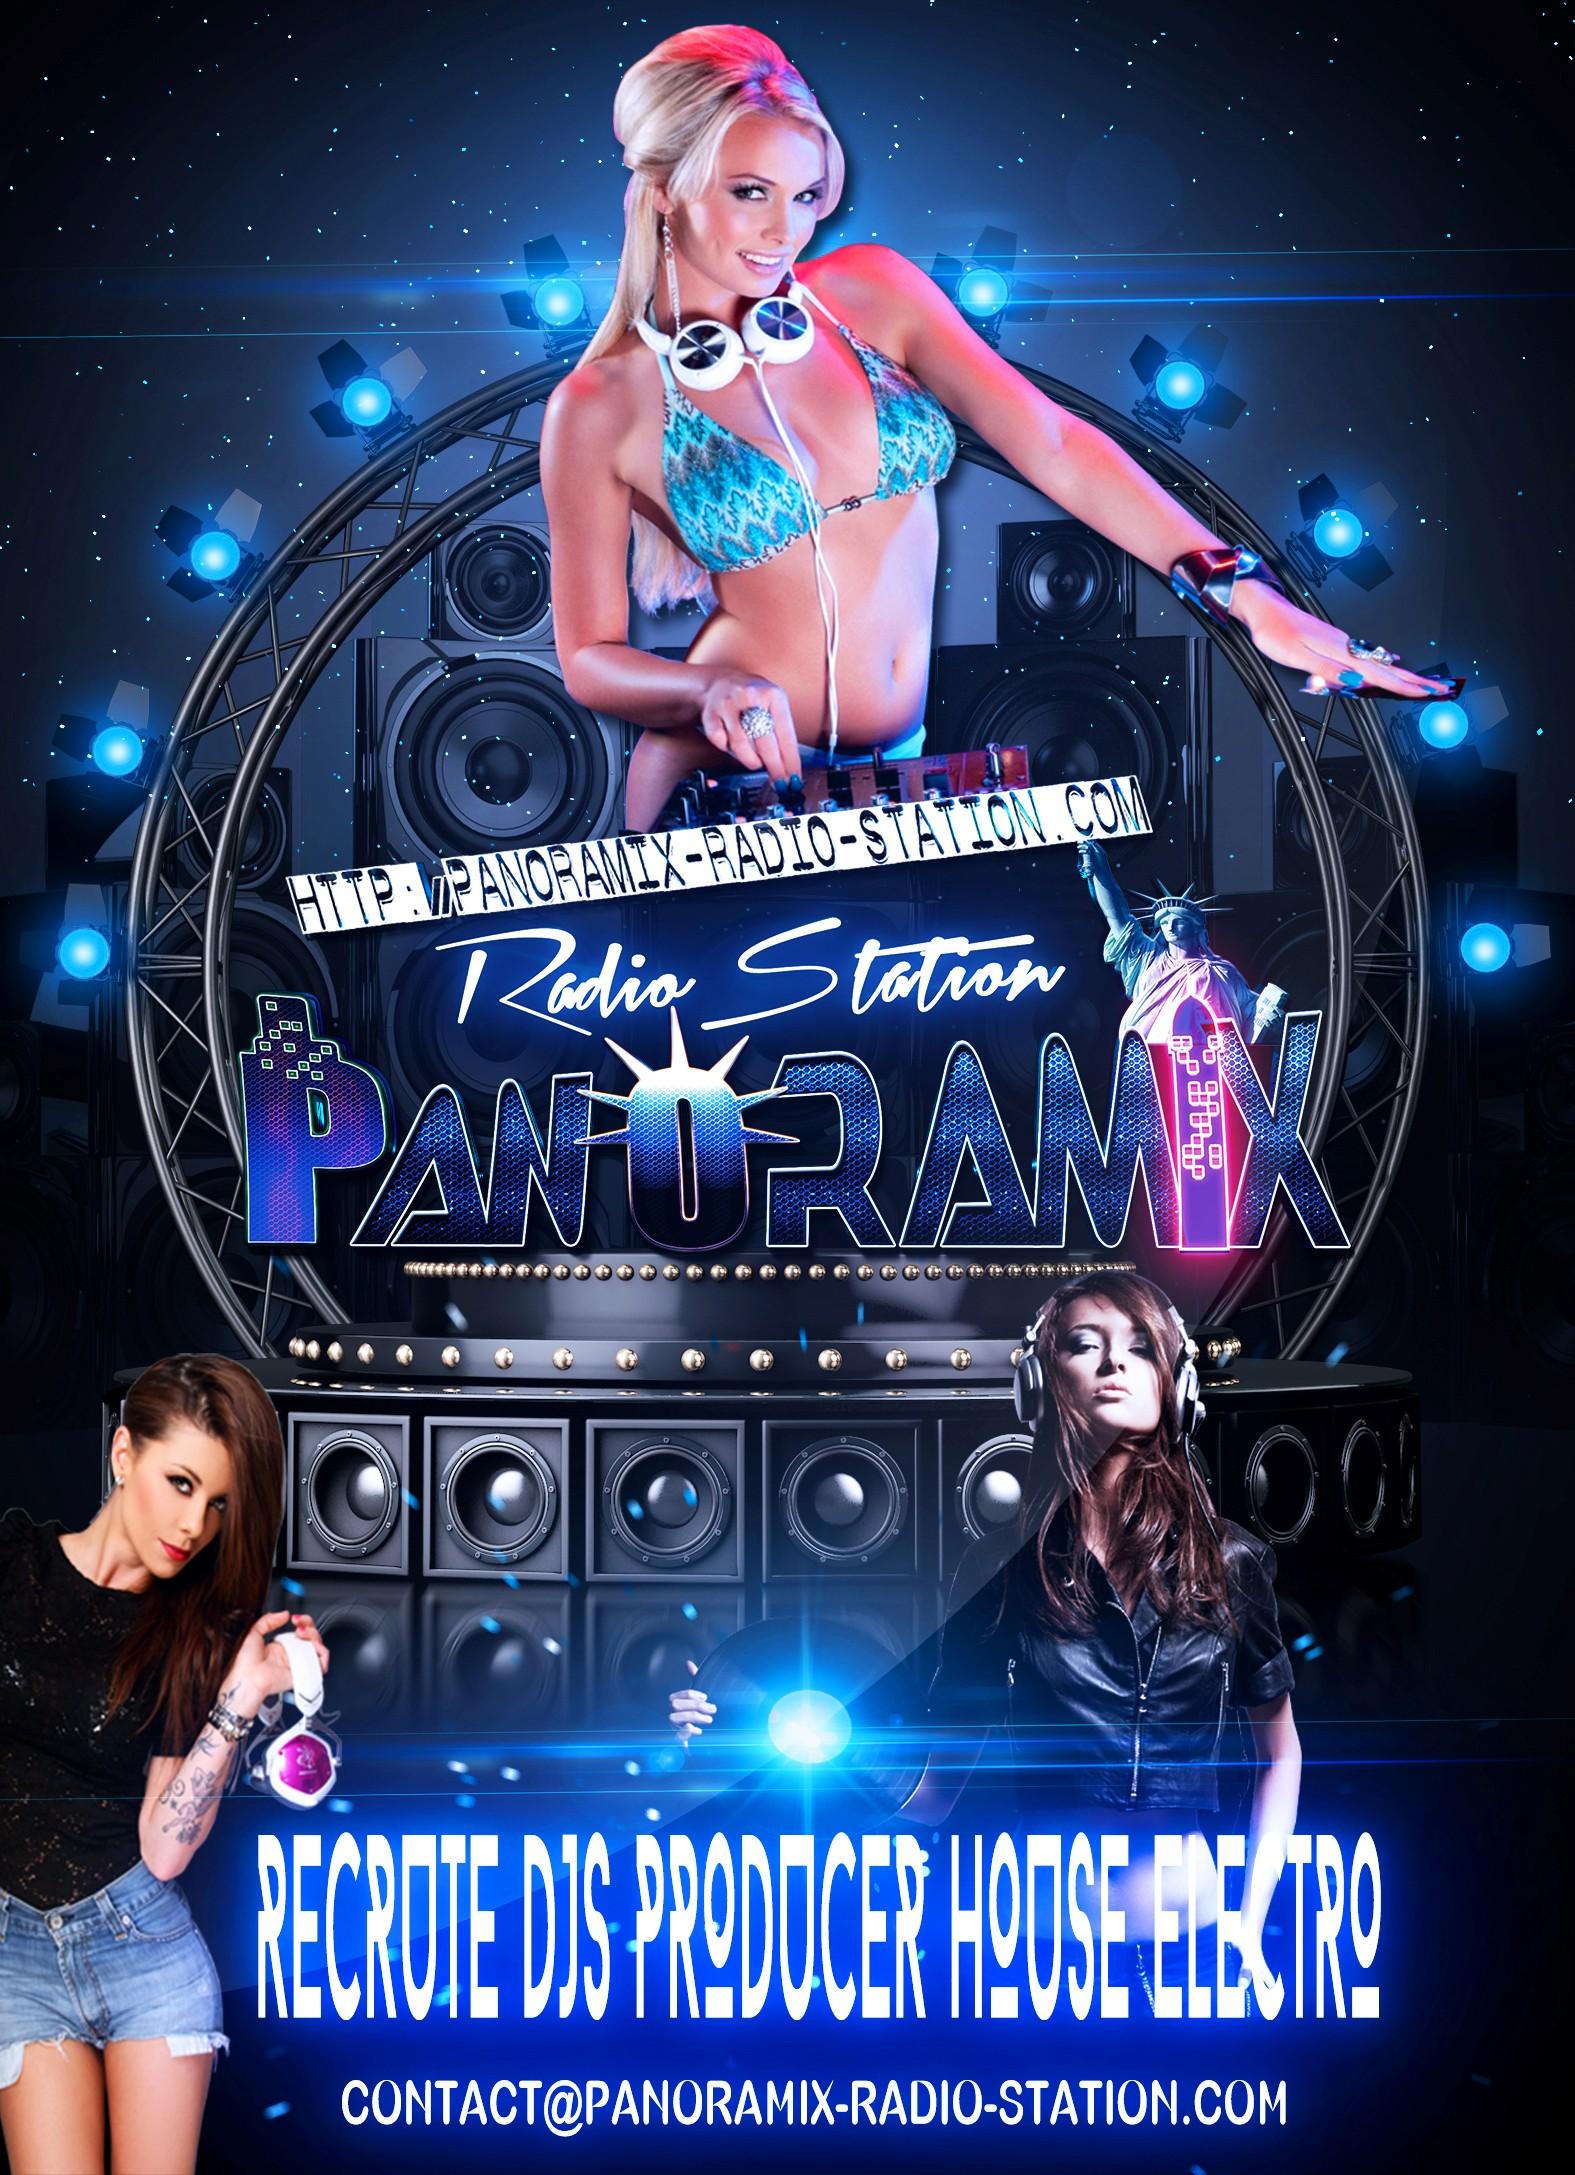 https://panoramix-radio-station.com/wp-content/uploads/2018/08/PANORAMIX-RECRUTE-DJS-.jpg